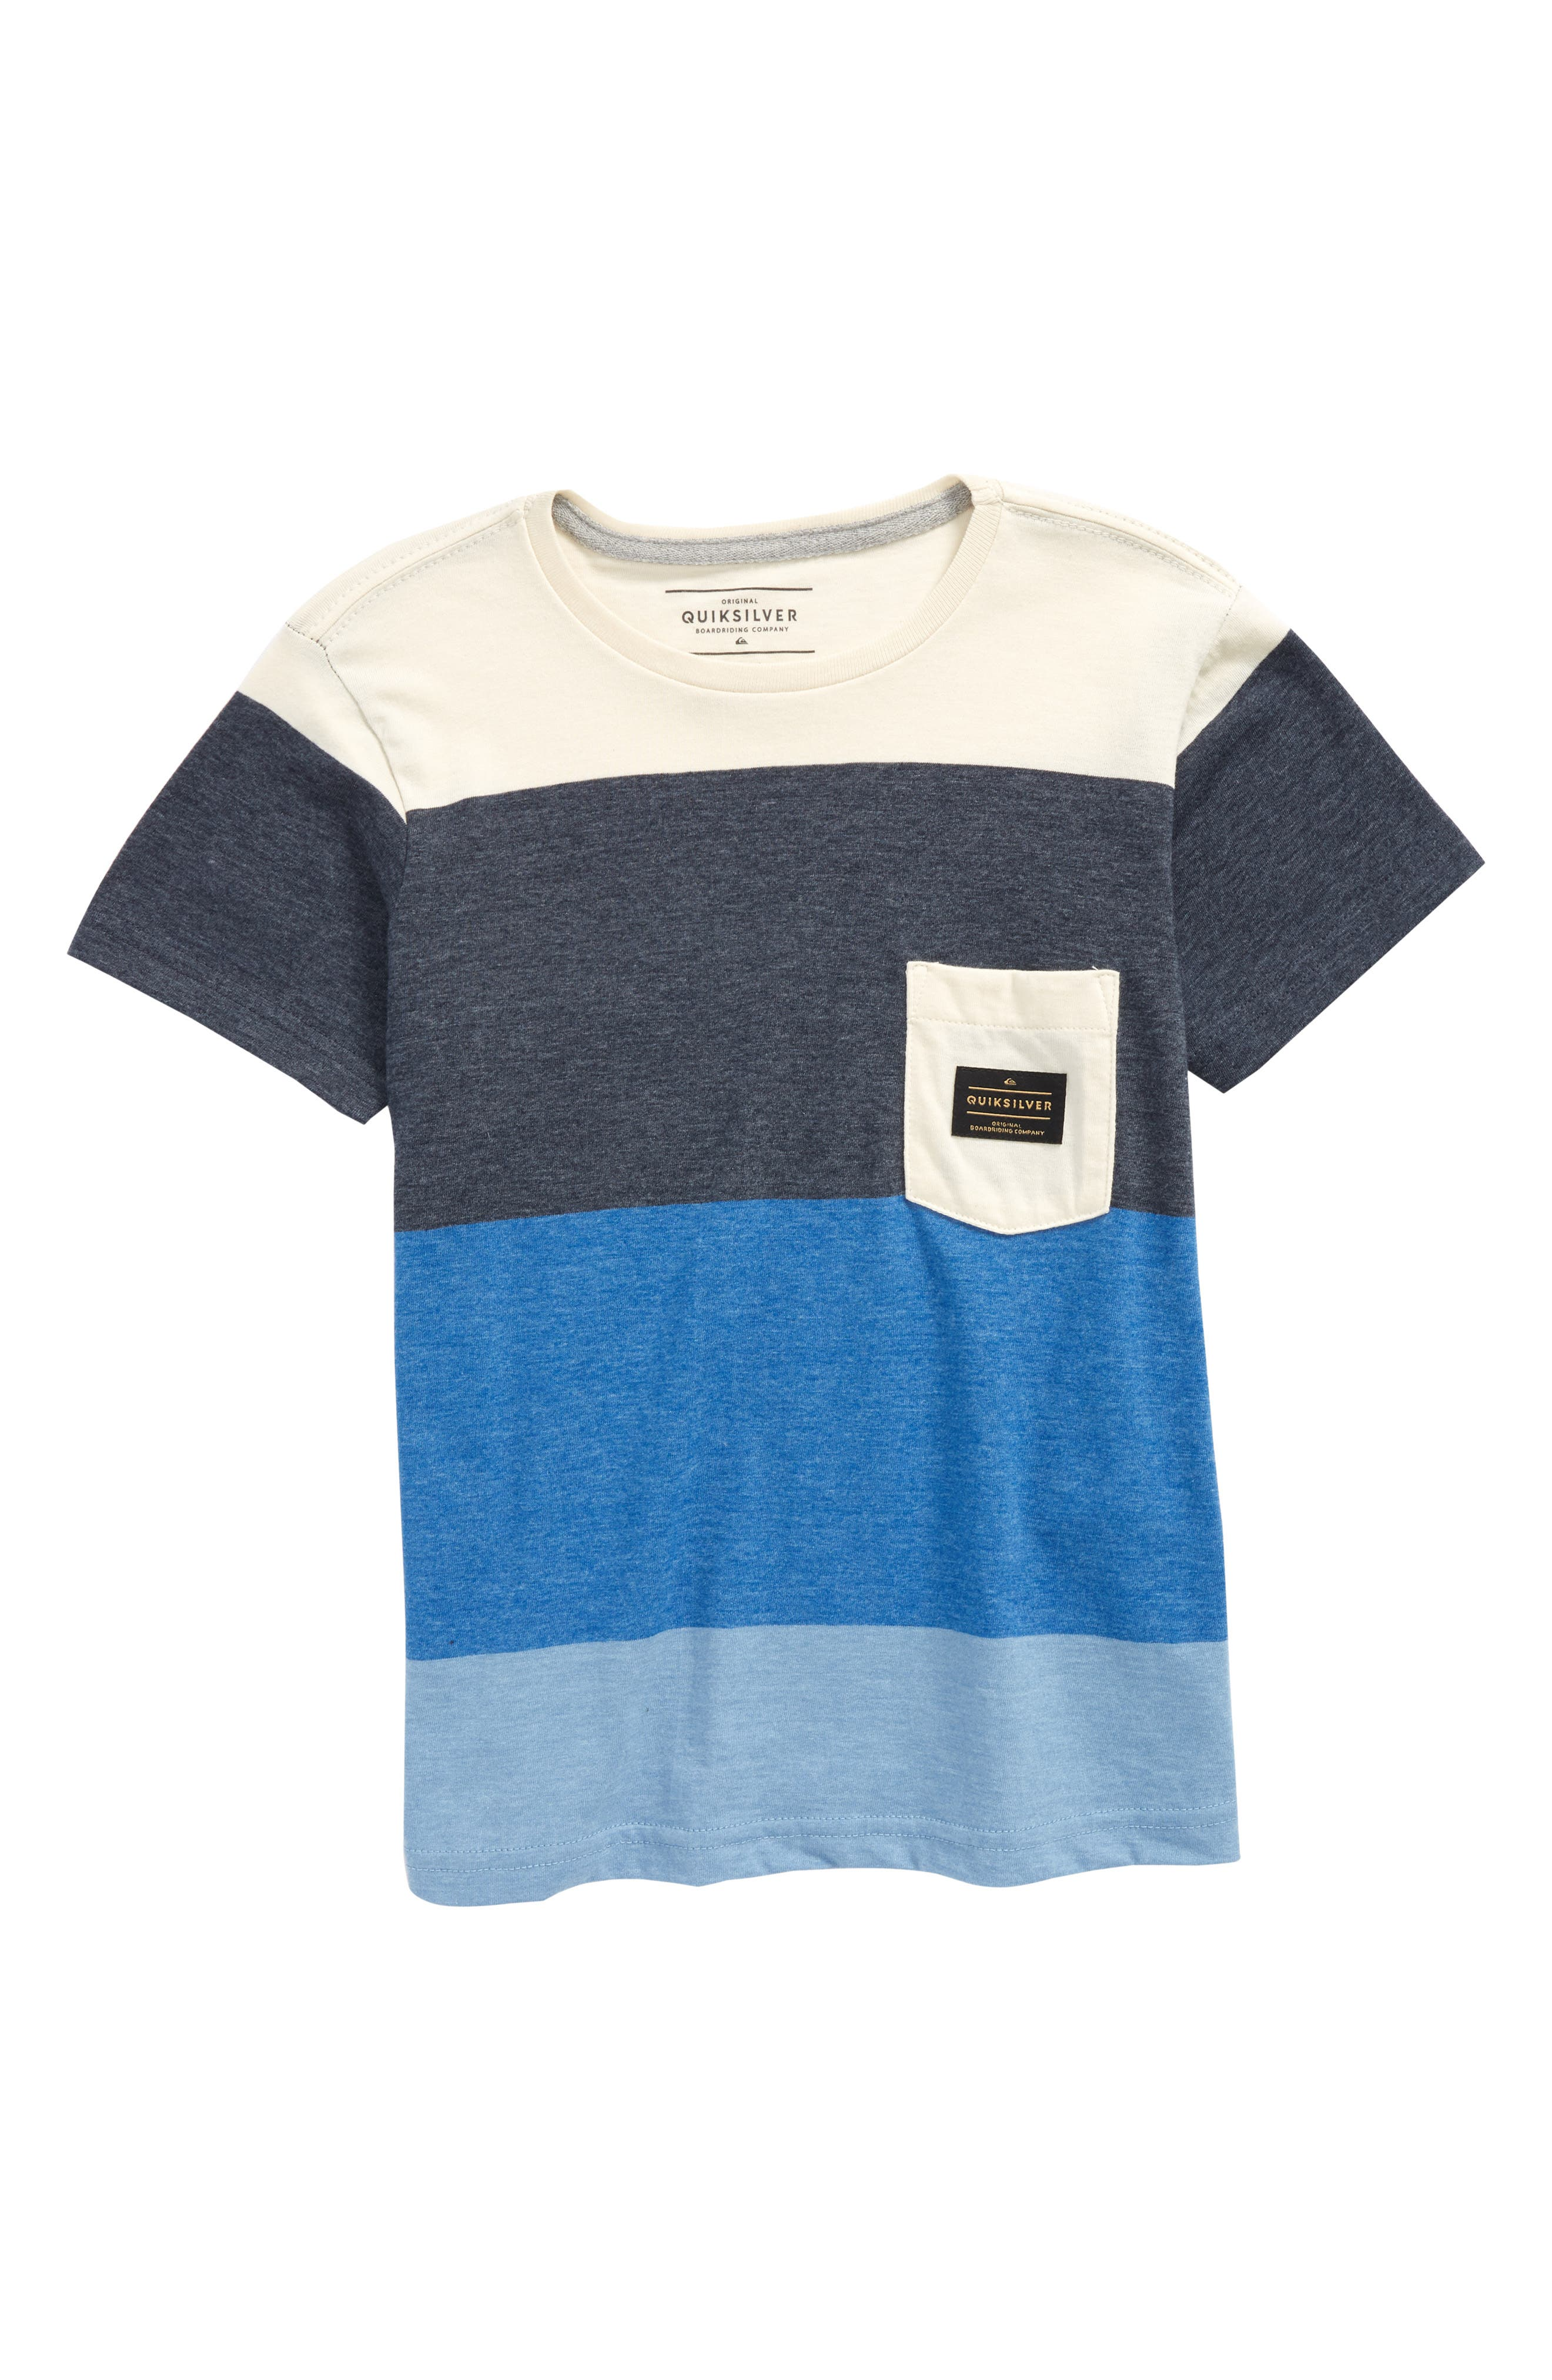 Aspenshore Pocket T-Shirt,                         Main,                         color, Bright Cobalt